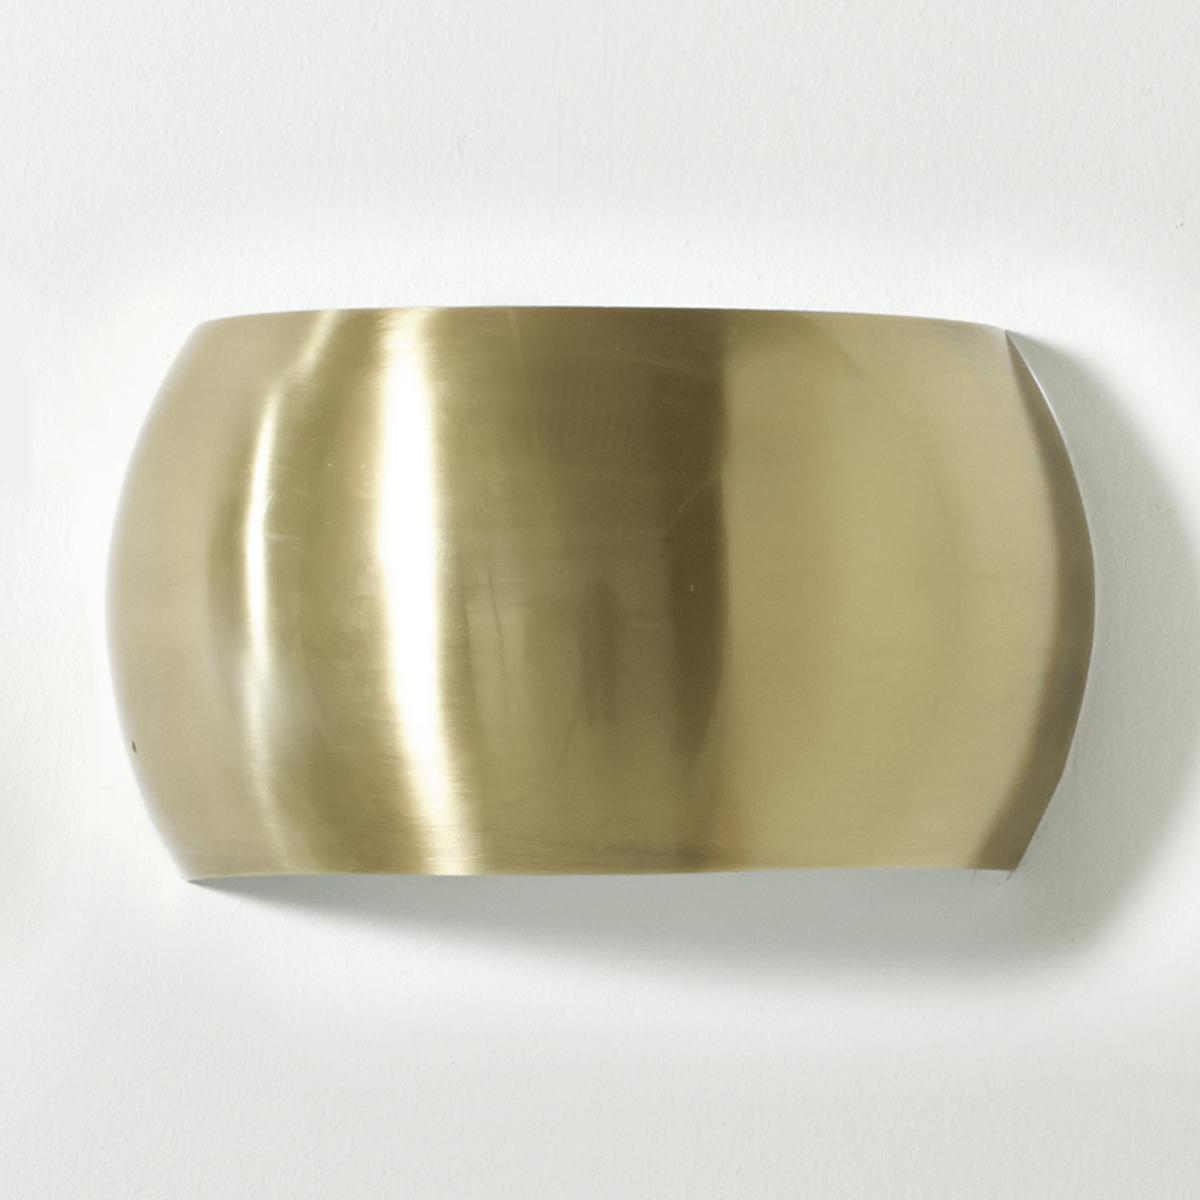 Бра настенное из металла EloriХарактеристики бра Elori :Металл с латунной отделкой. 2 лампочки G9 макс. 25W (не входят в комплект) . Энергетический класс C. Размеры бра Elori :Длина 23,5 x ширина 11,5 x высота 13 см<br><br>Цвет: латунь